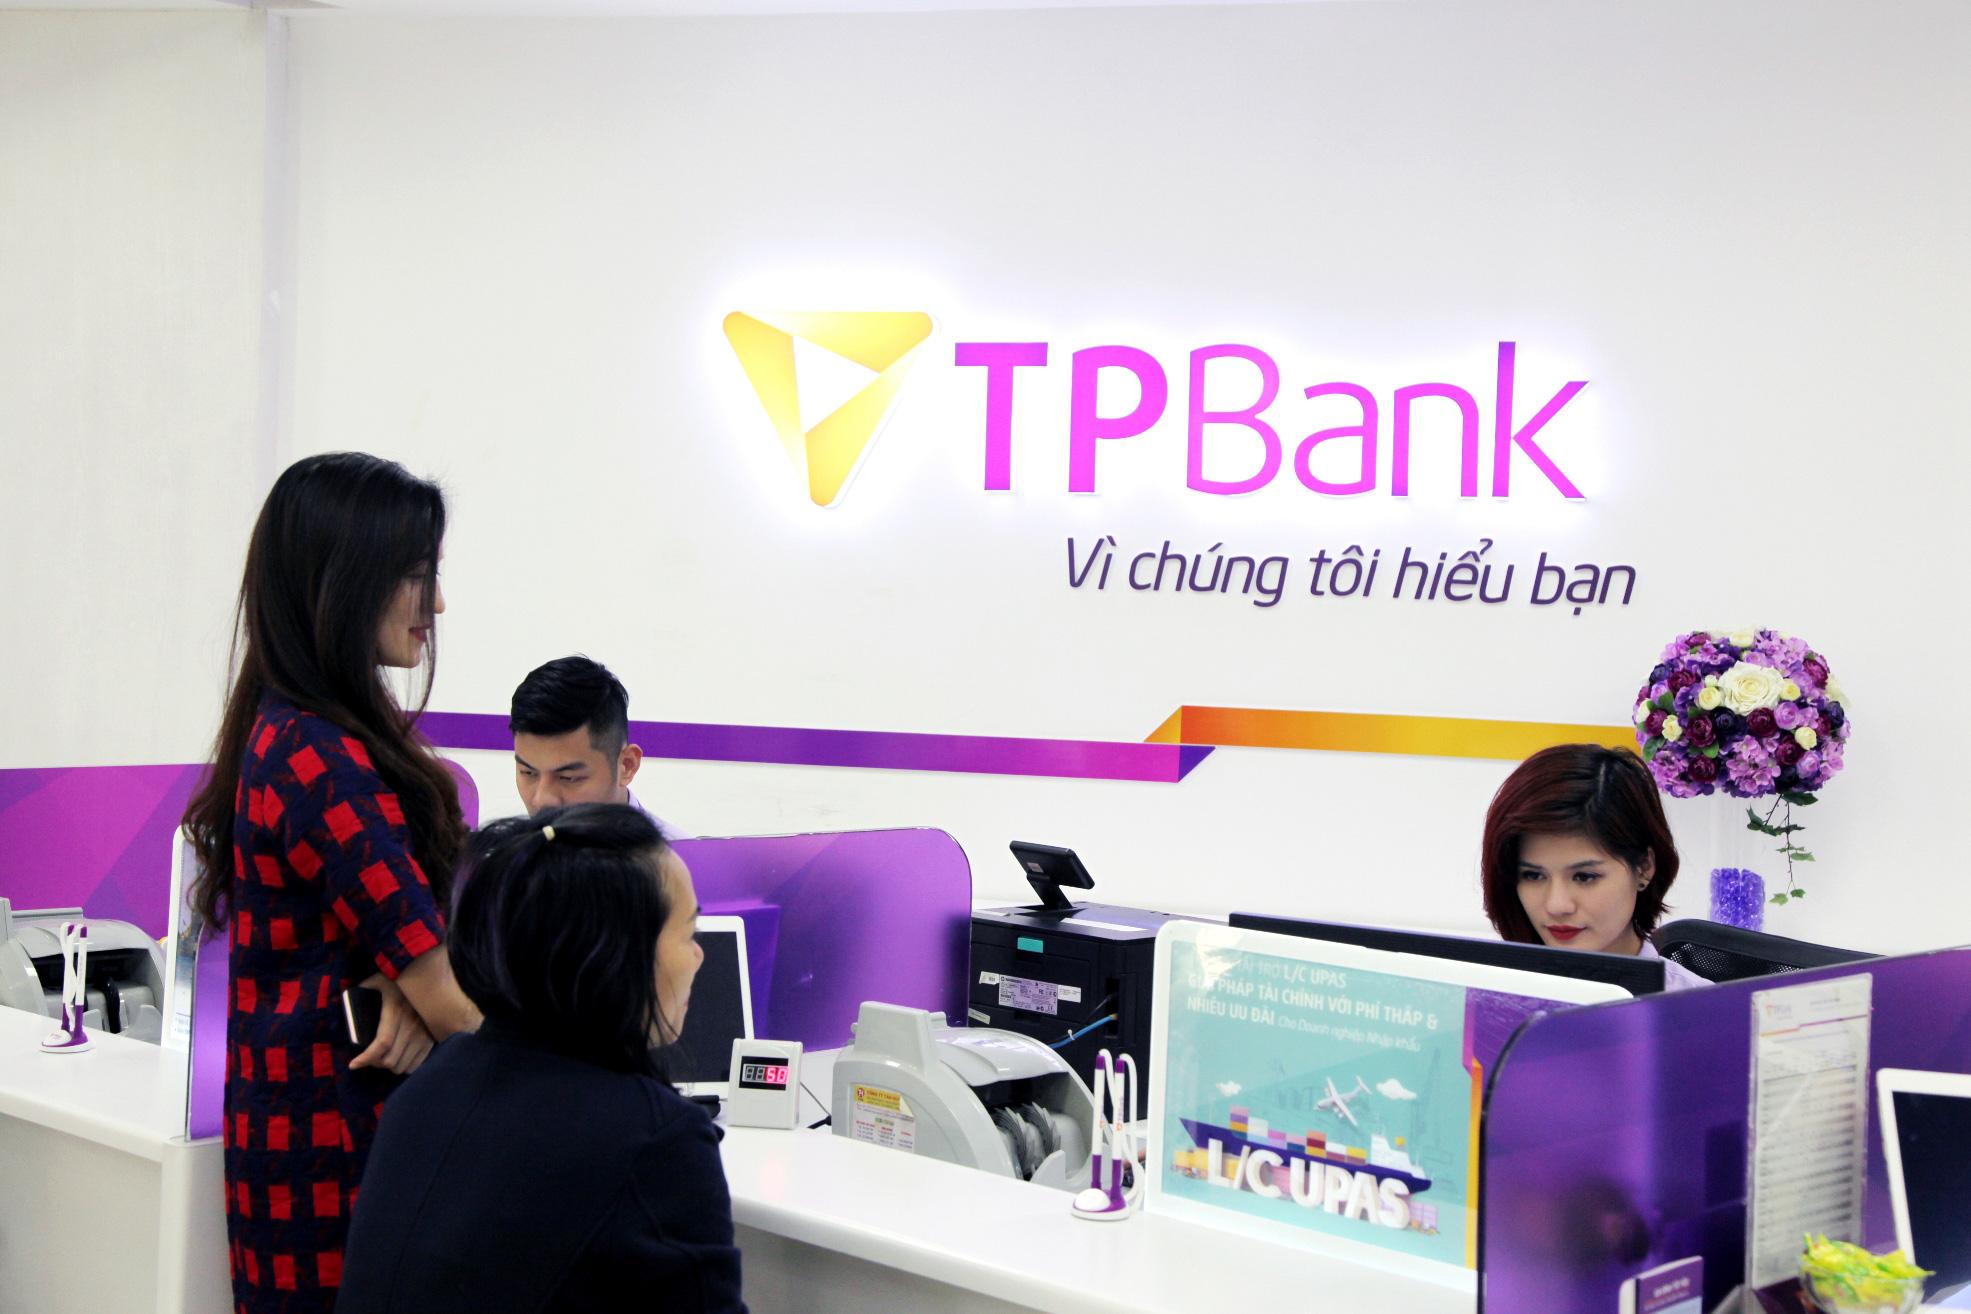 Lãi suất ngân hàng TPBank mới nhất tháng 1/2020: Cao nhất là 7,7%/năm - Ảnh 1.